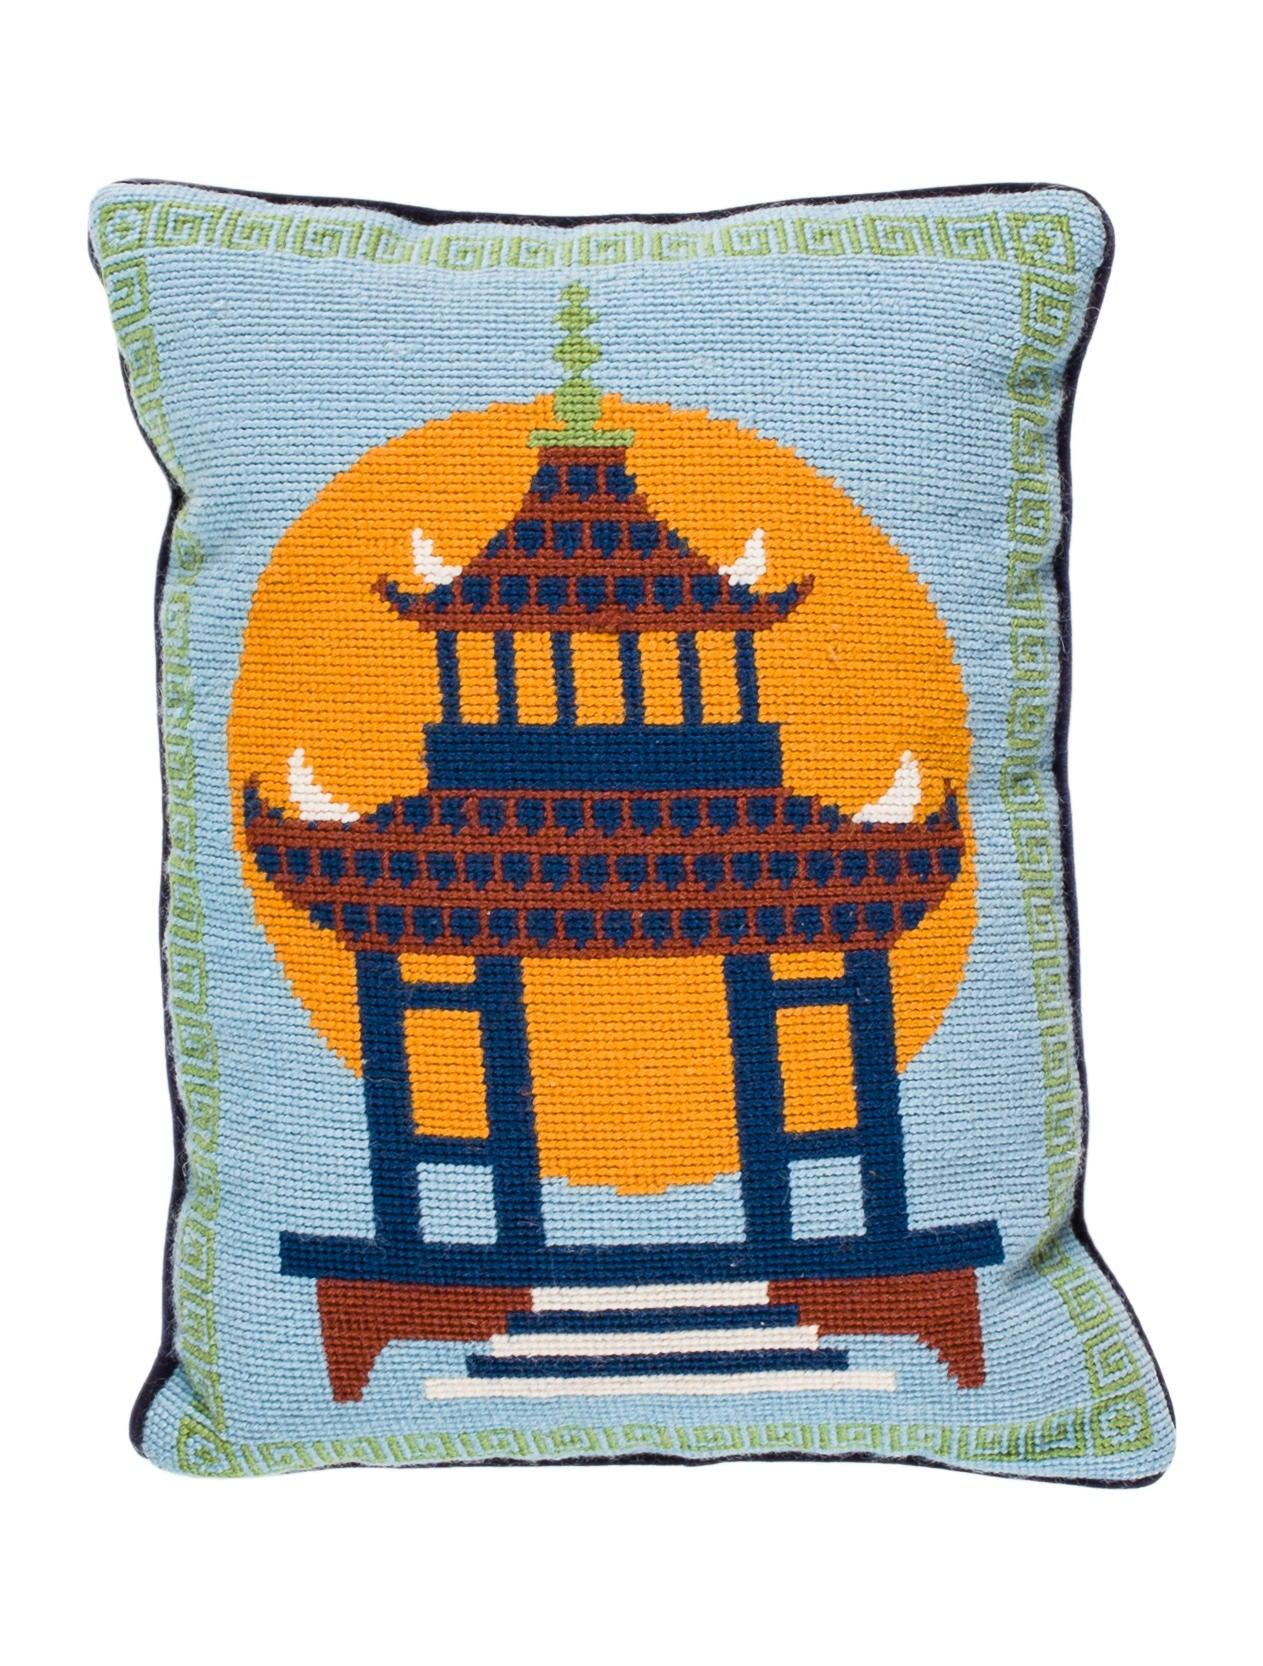 Jonathan Adler Pagoda Needlepoint Throw Pillow - Bedding And Bath - JTADL20744 The RealReal